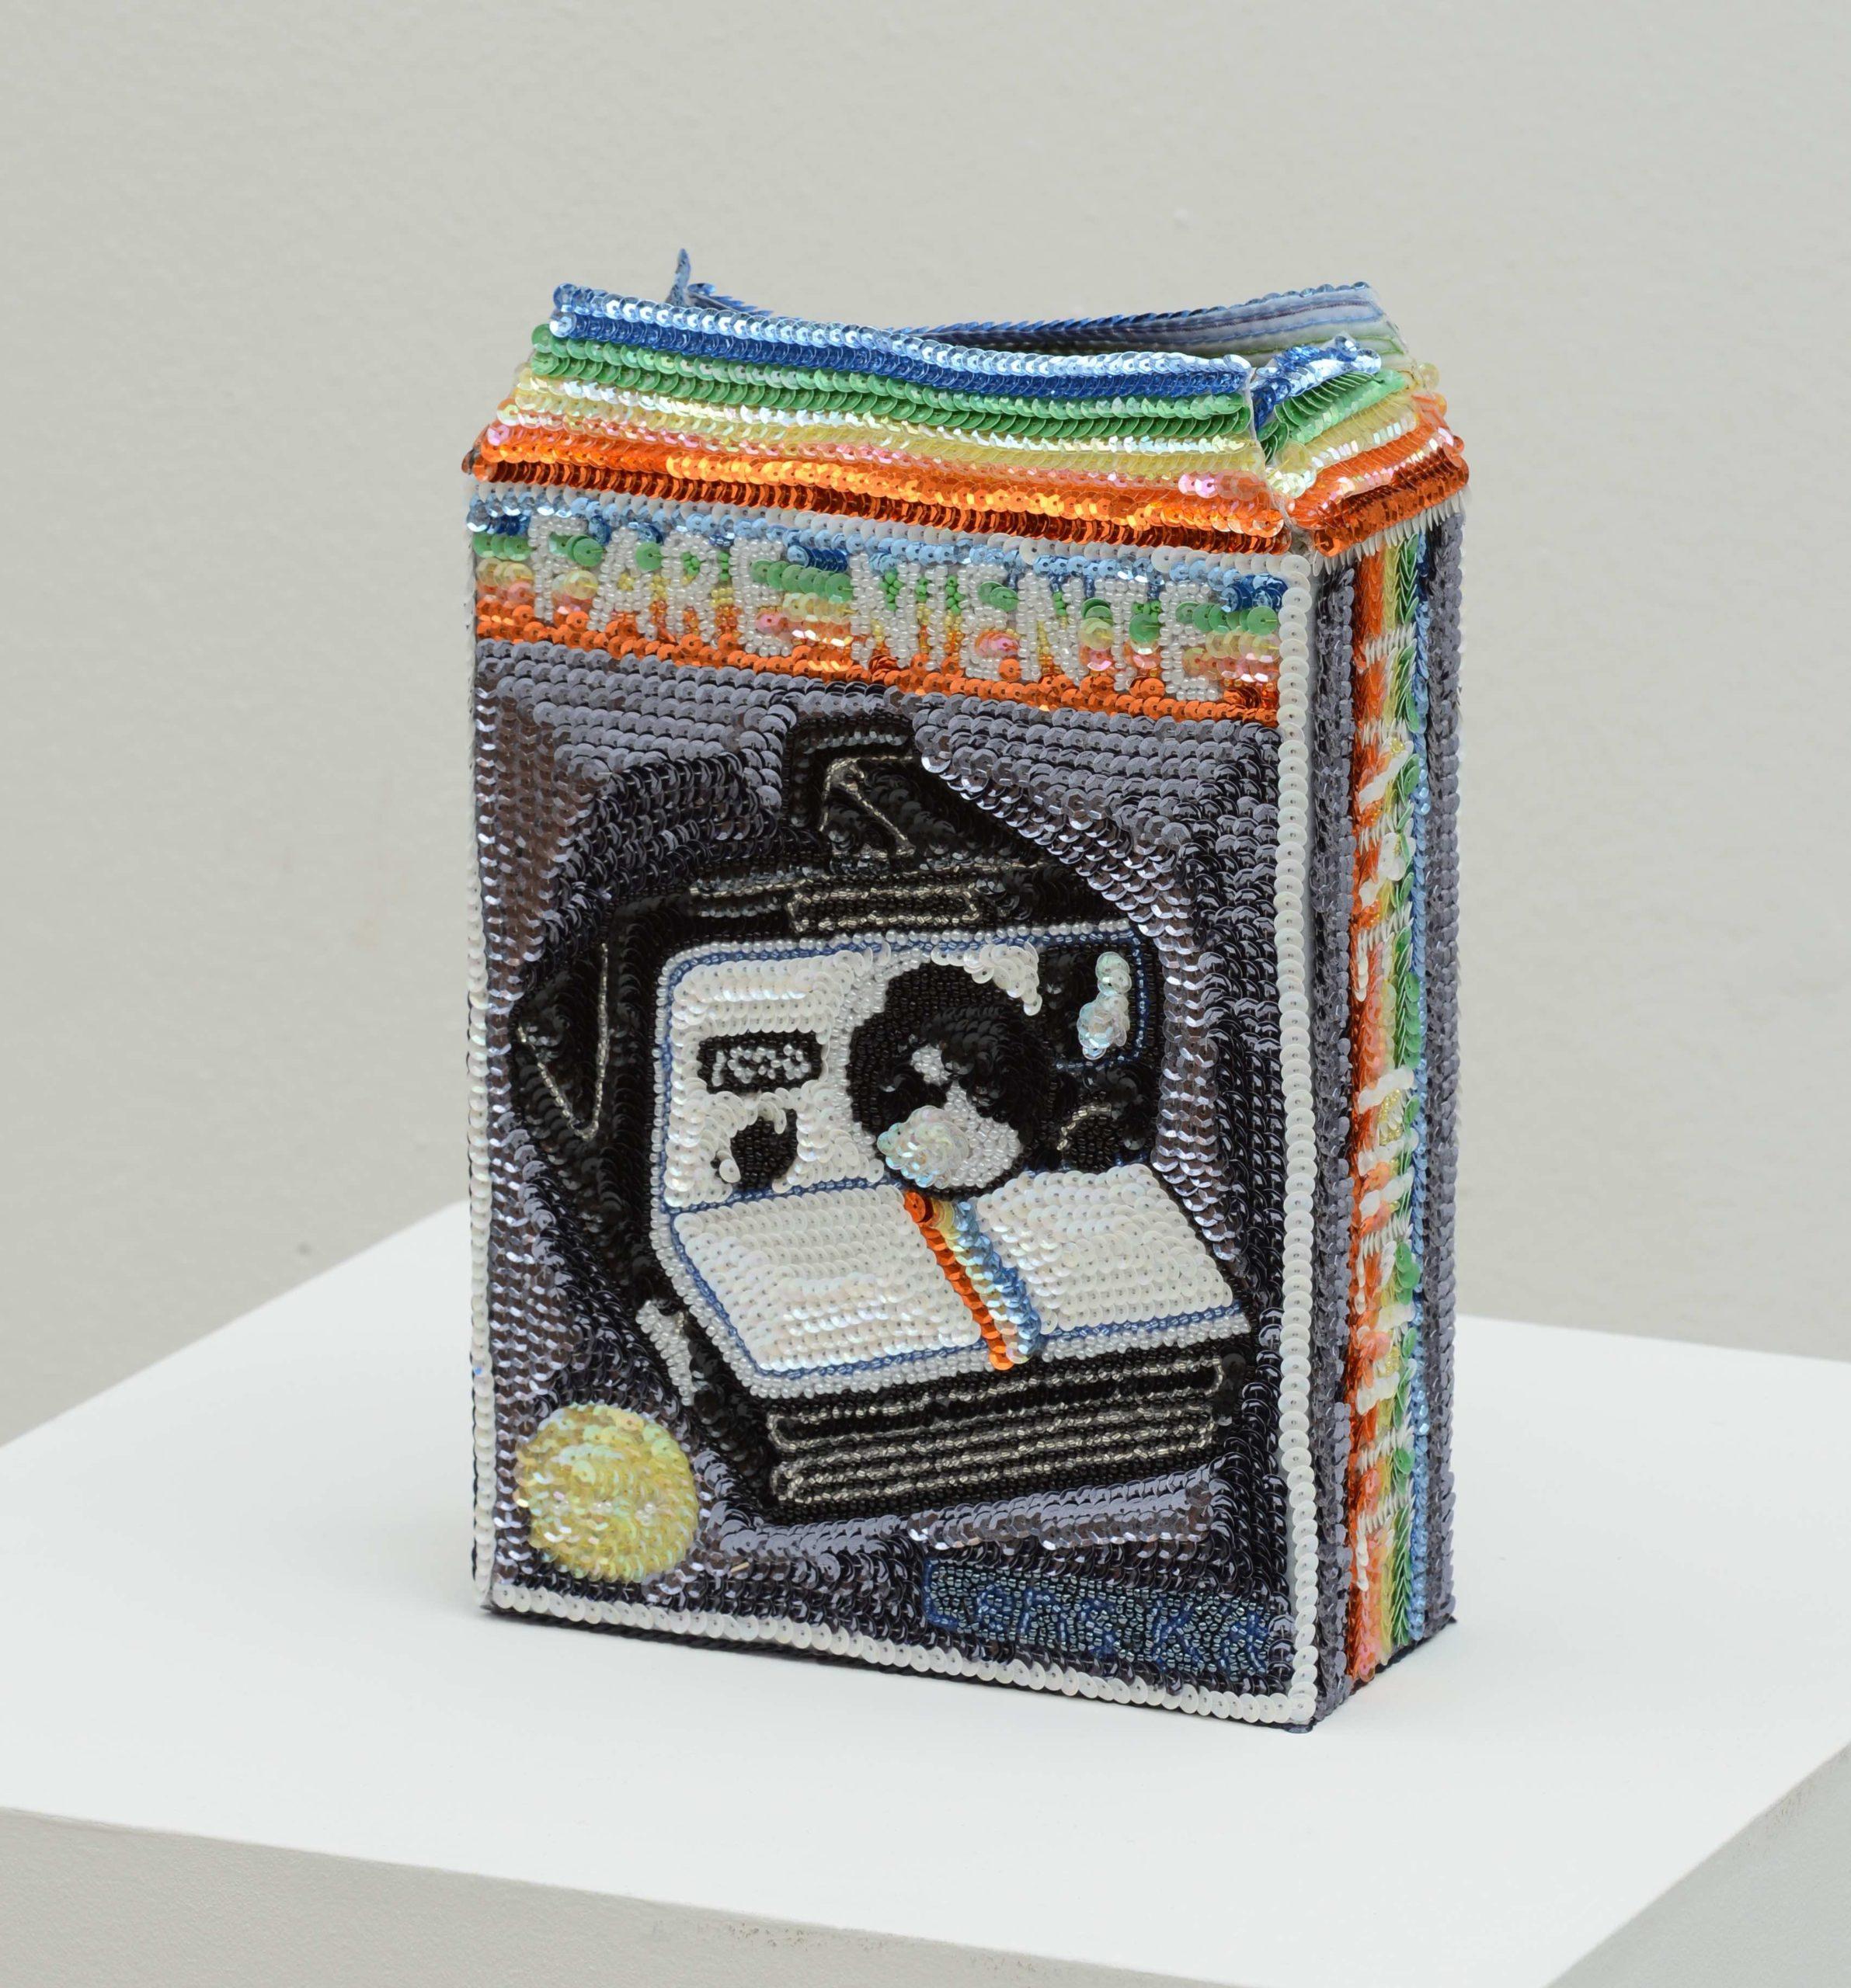 """""""Polaroid flowerpot fare niente"""" 2012-15, paillettes cucite a mano su tela, ferro e smalto, 25 x 19 x 8 cm"""